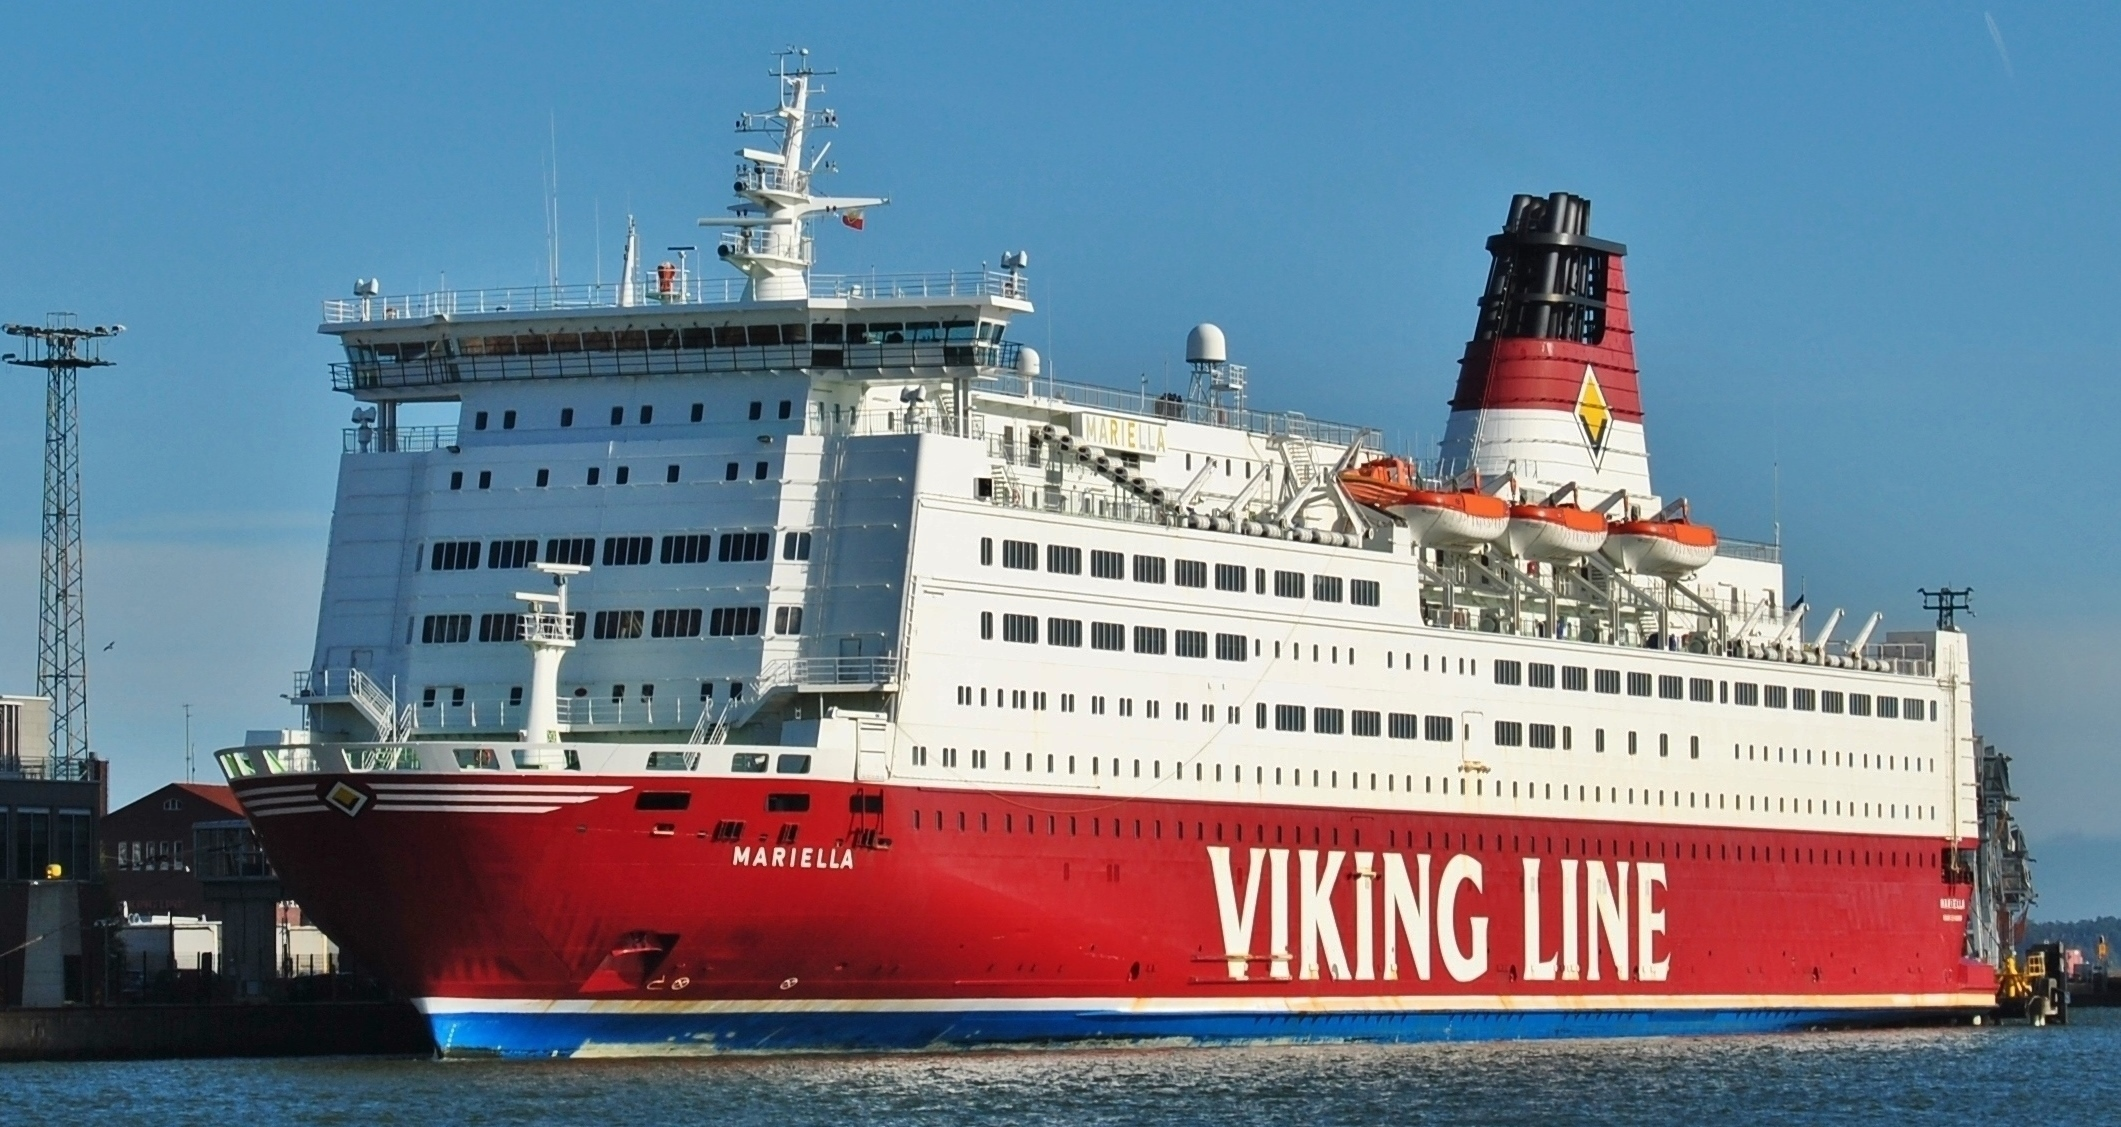 Viking Line (Mariella) Katajanokka Harbour Helsinki 3.jpg